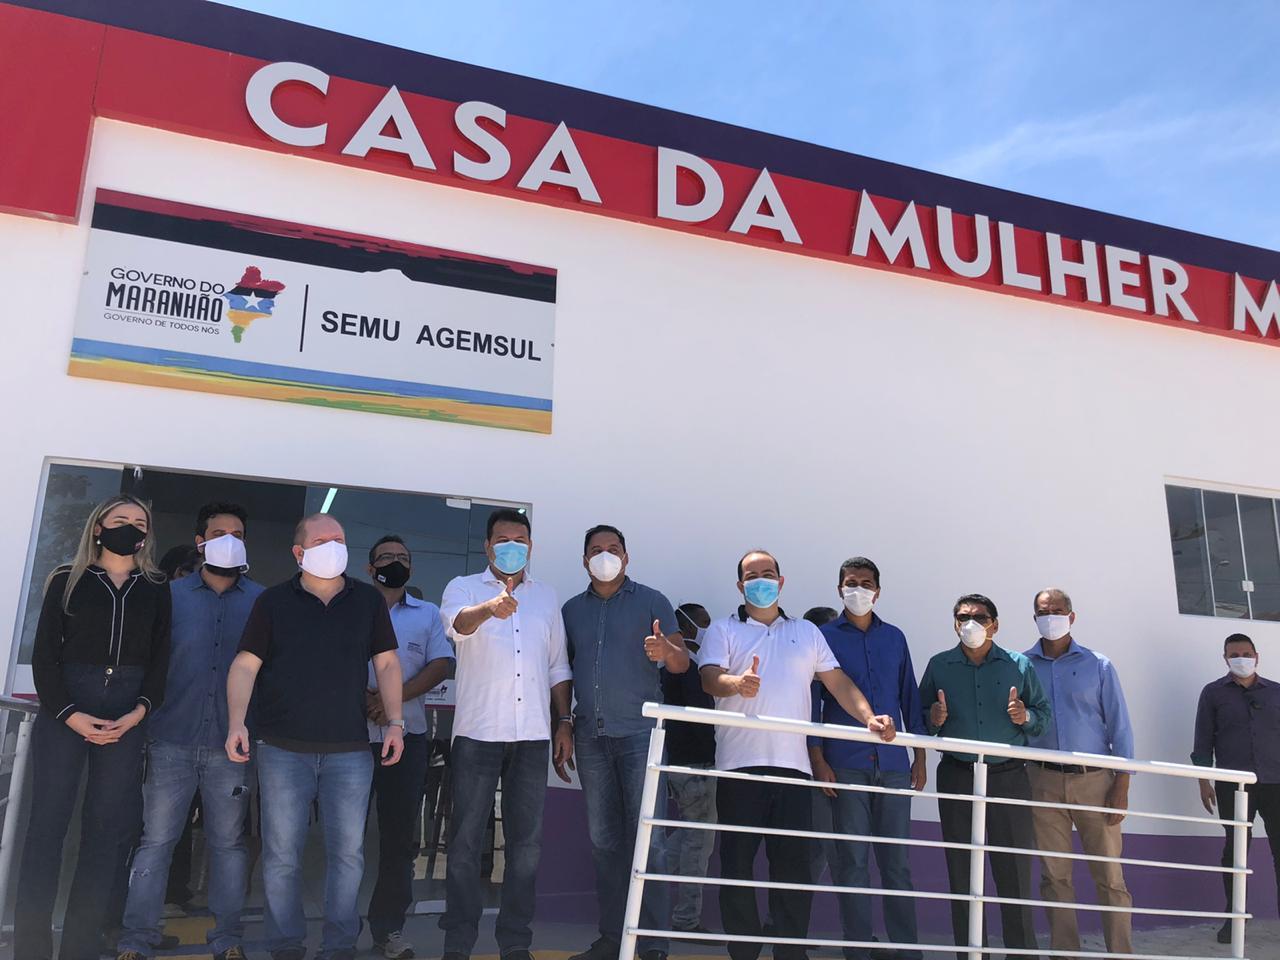 Em Imperatriz, a comitiva também visitou a Casa da Mulher Maranhense, baseada no modelo da Casa da Mulher Brasileira